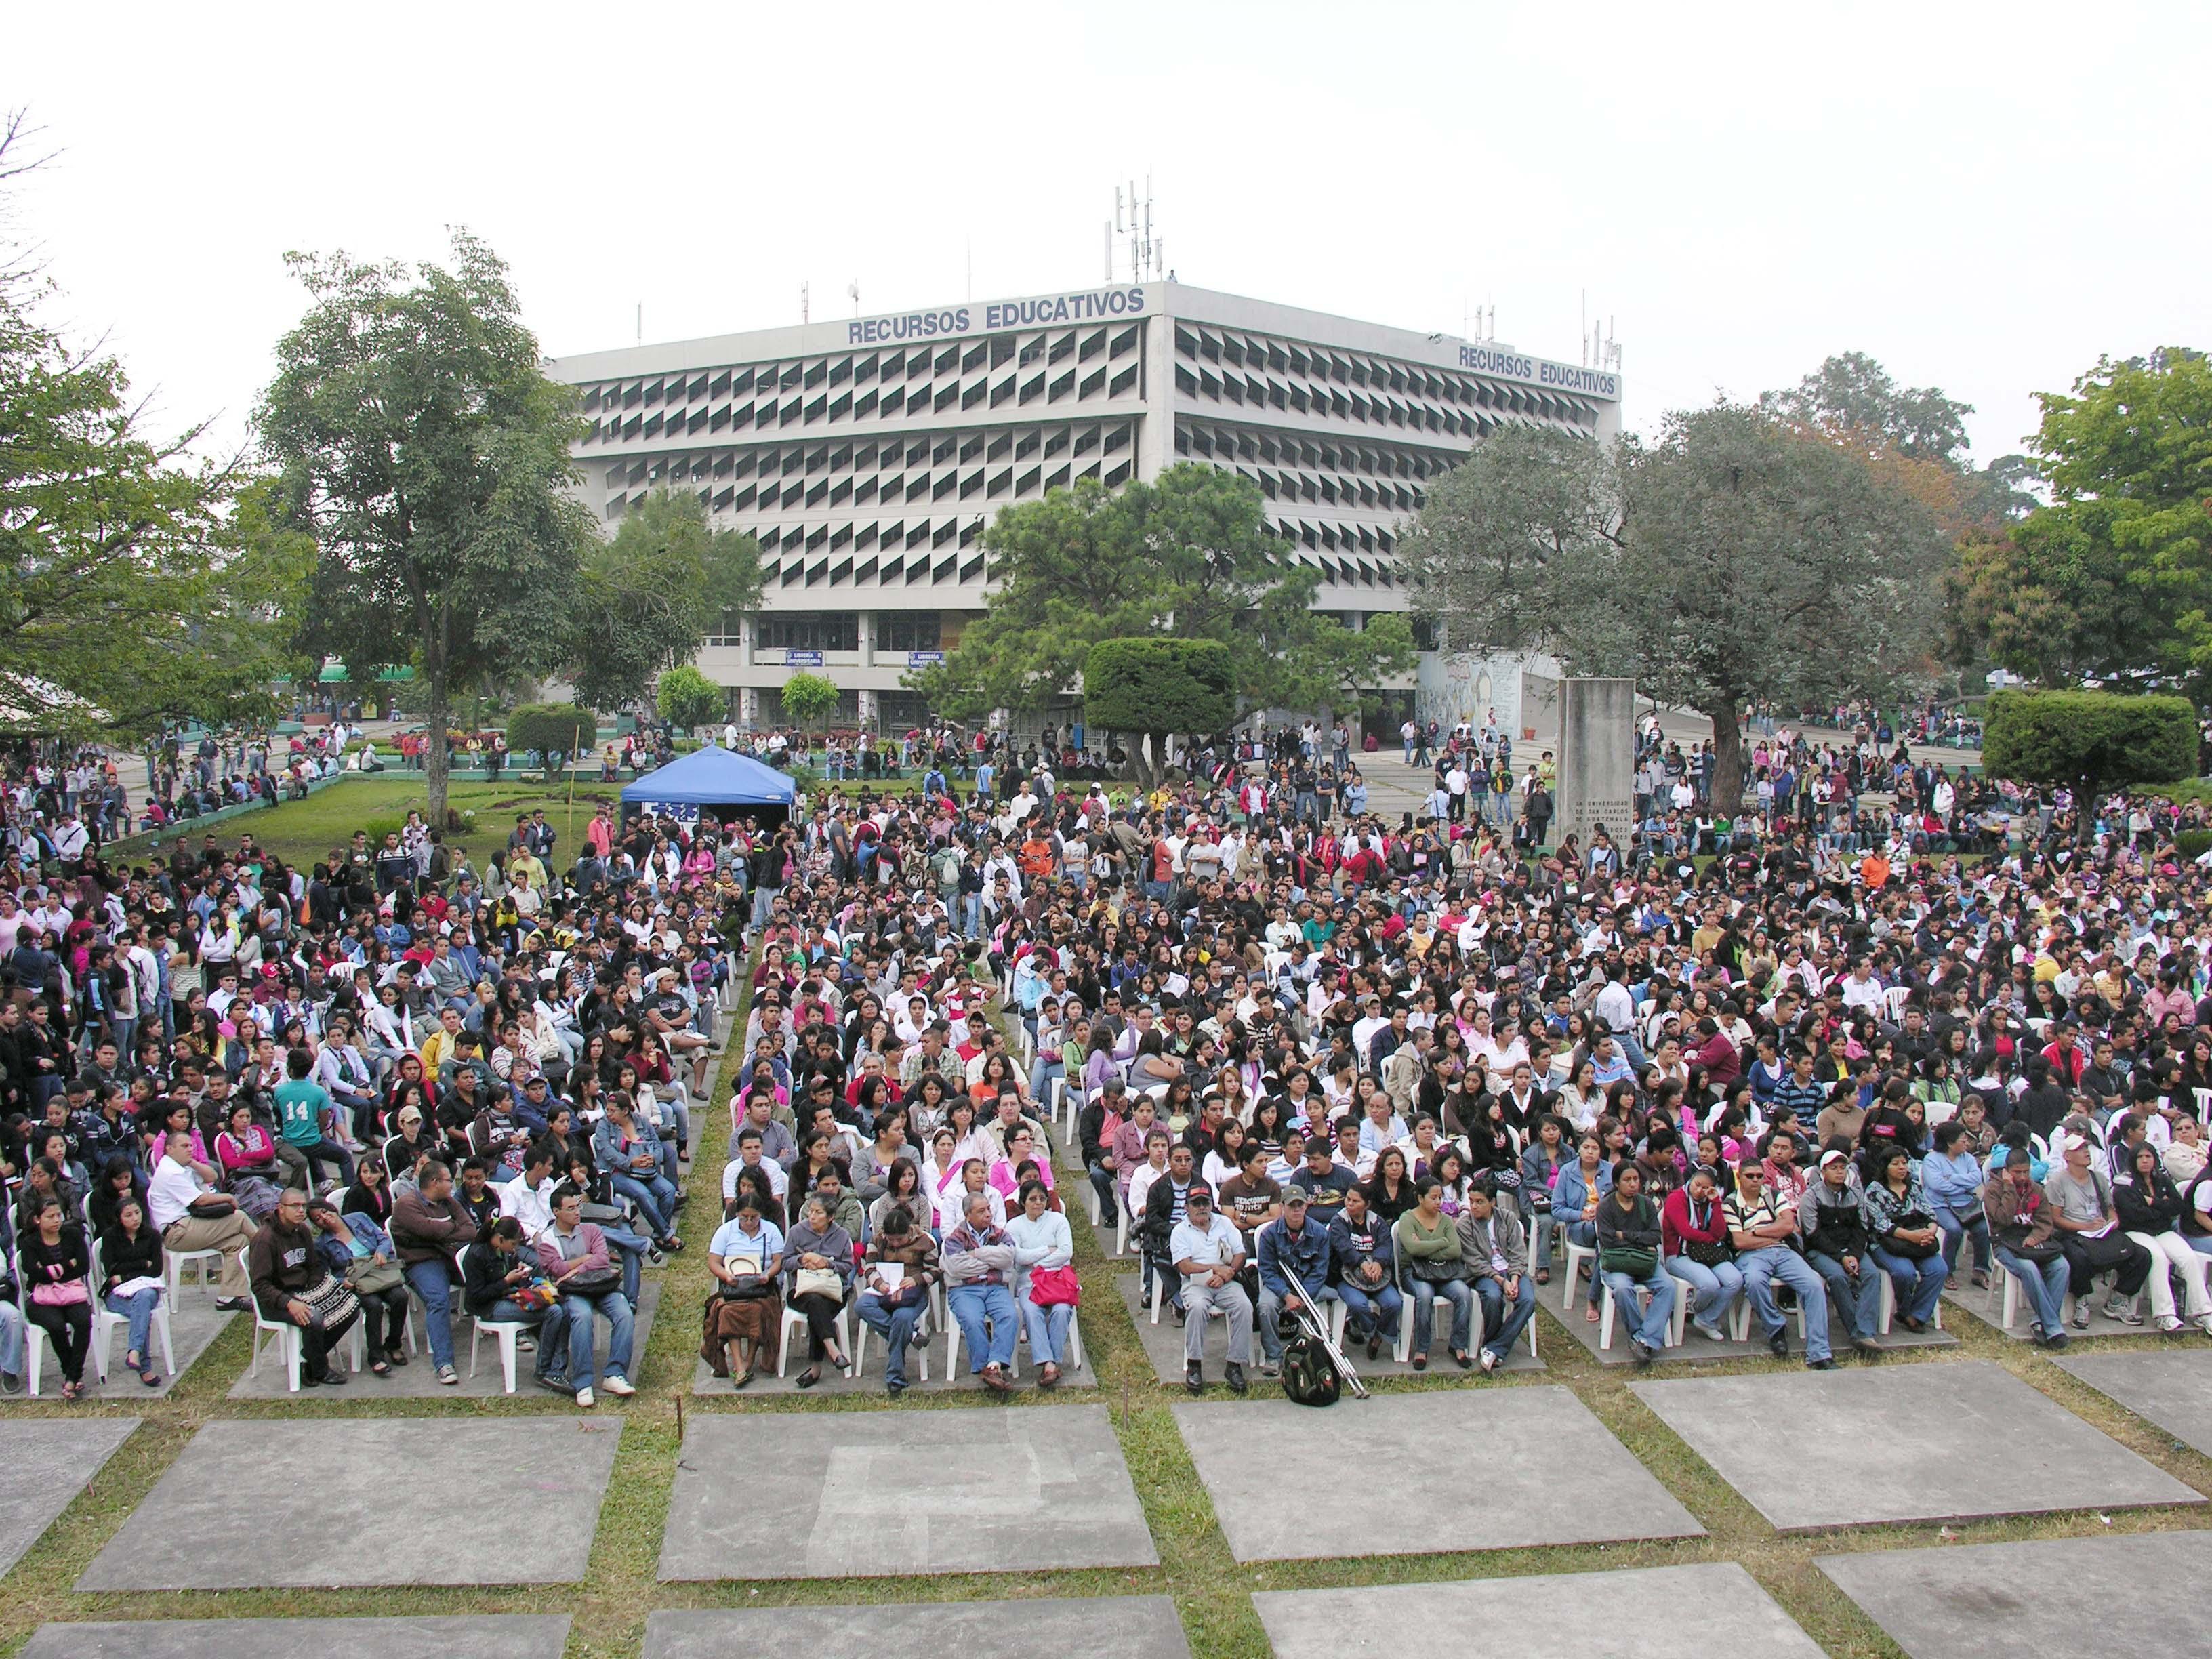 Inauguración de los cursos libres. Foto de archivo.